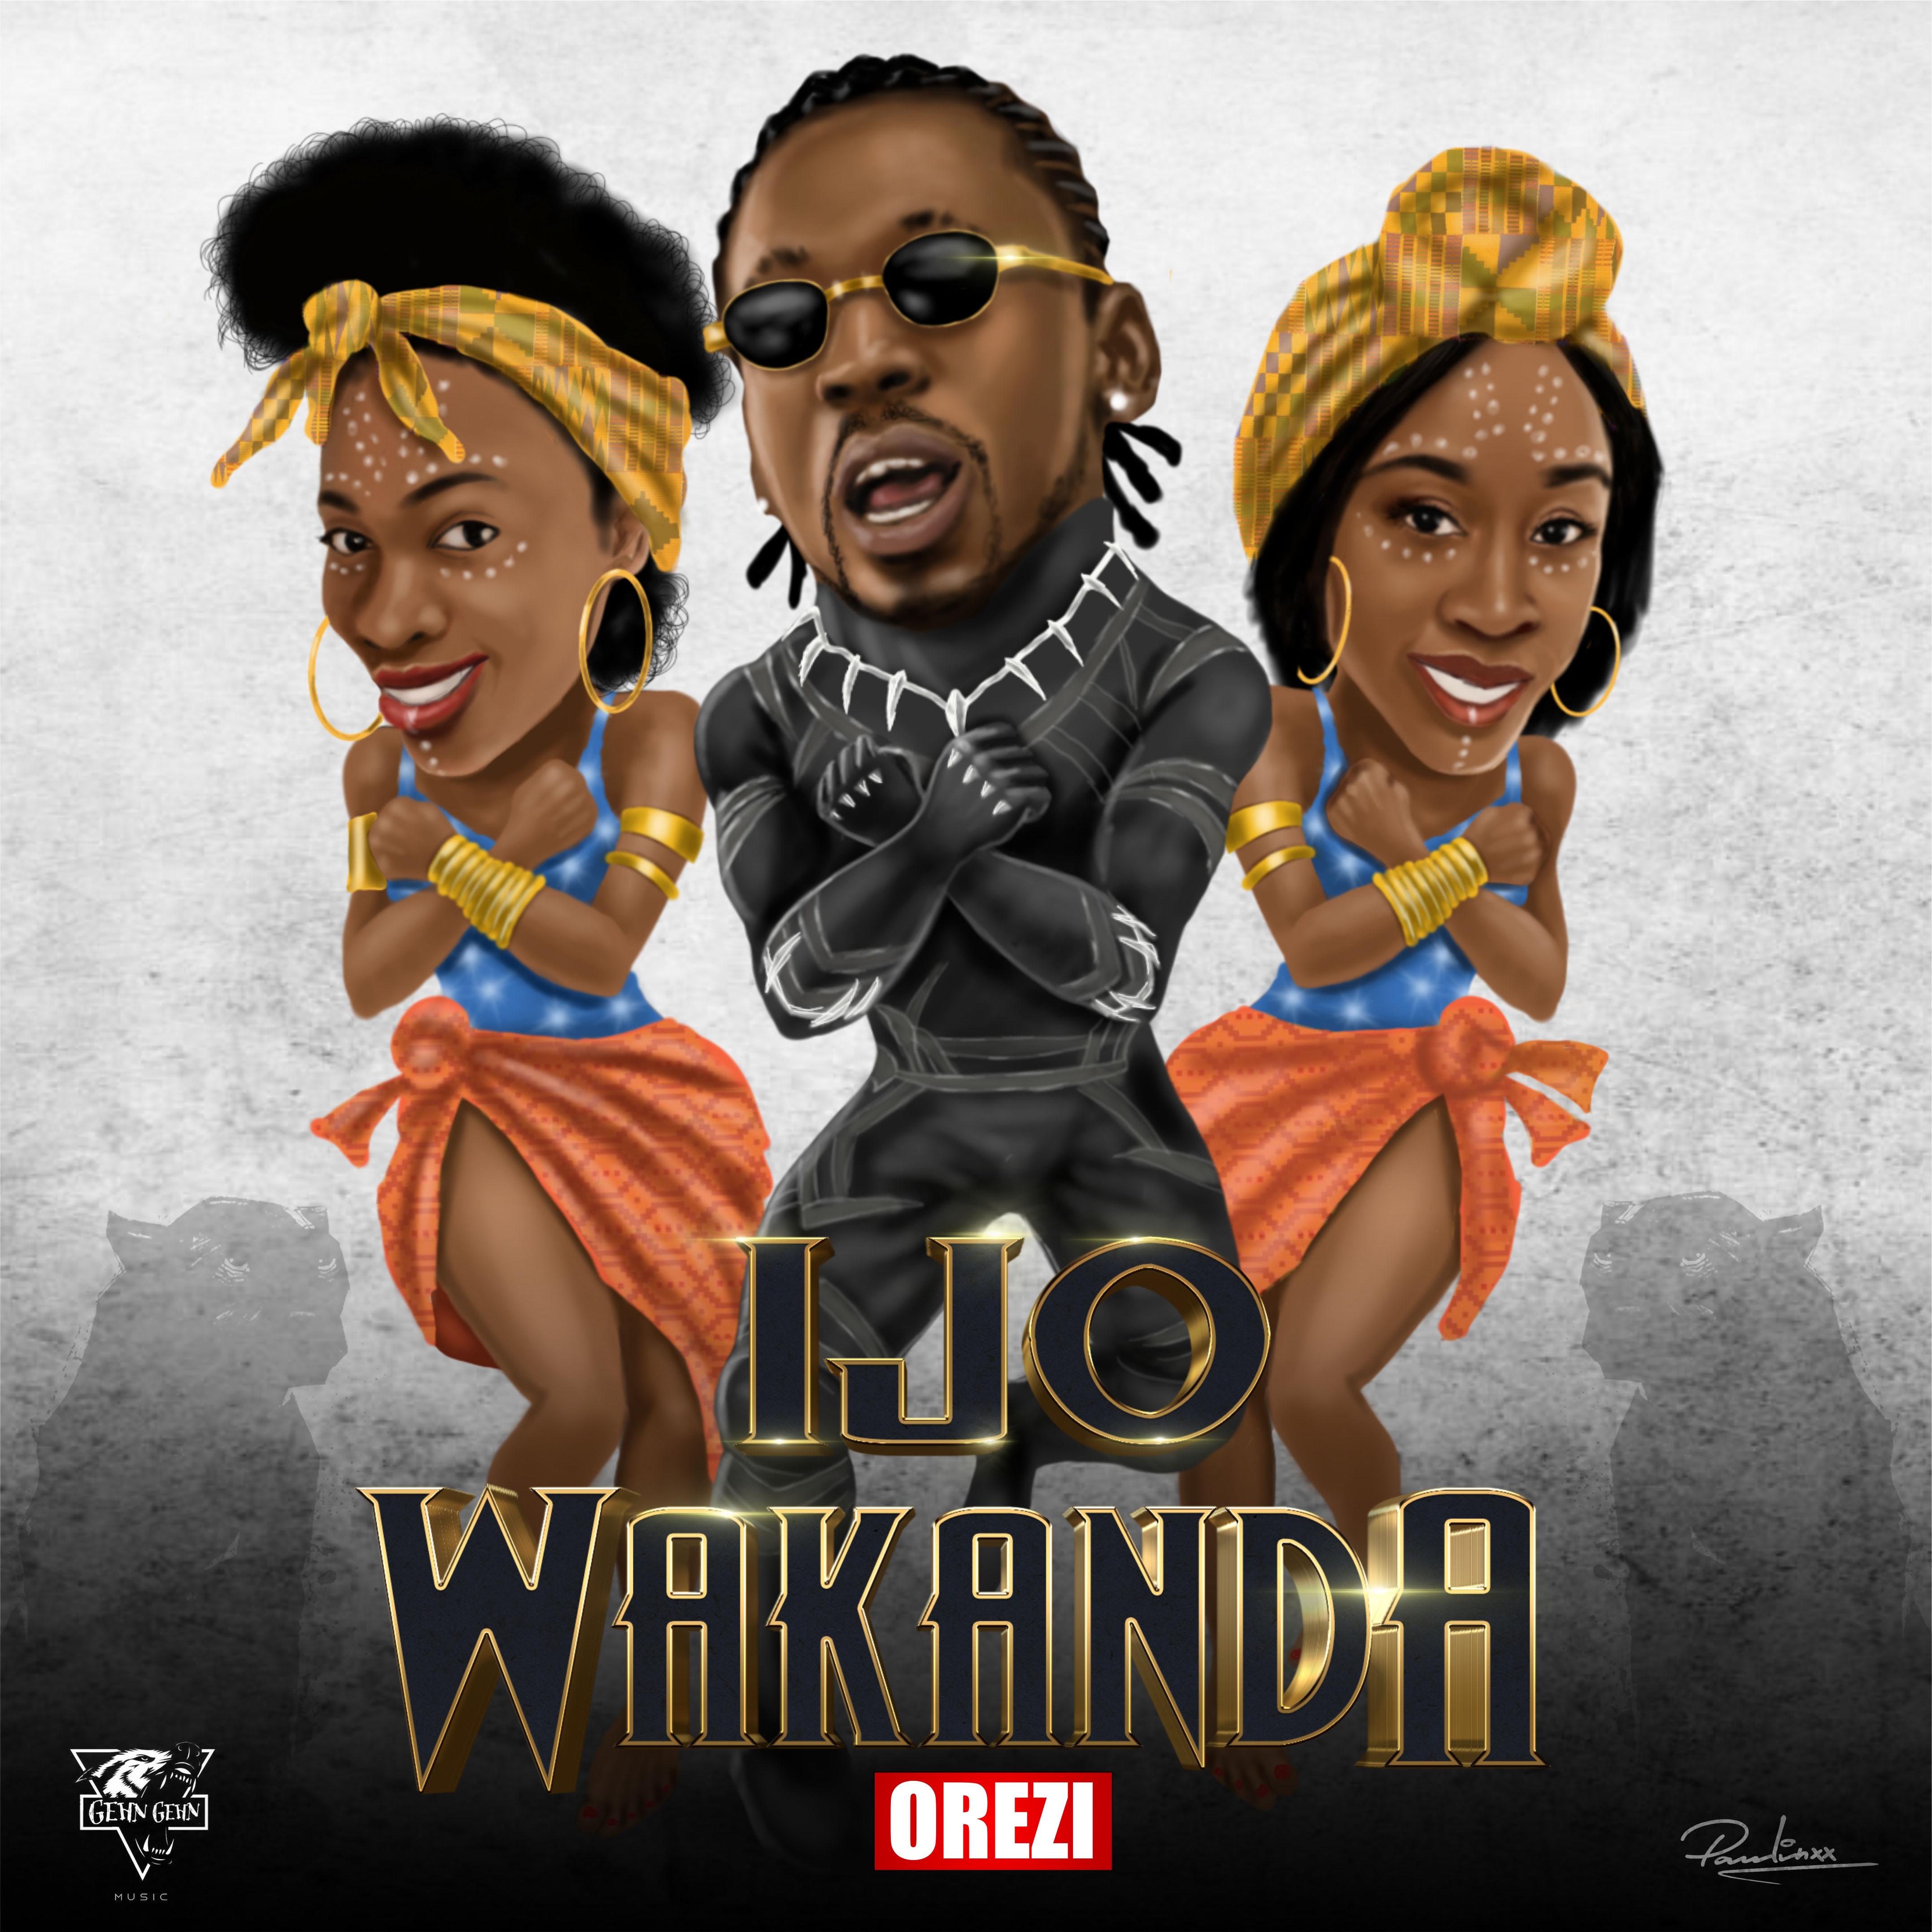 Orezi Ijo Wakanda